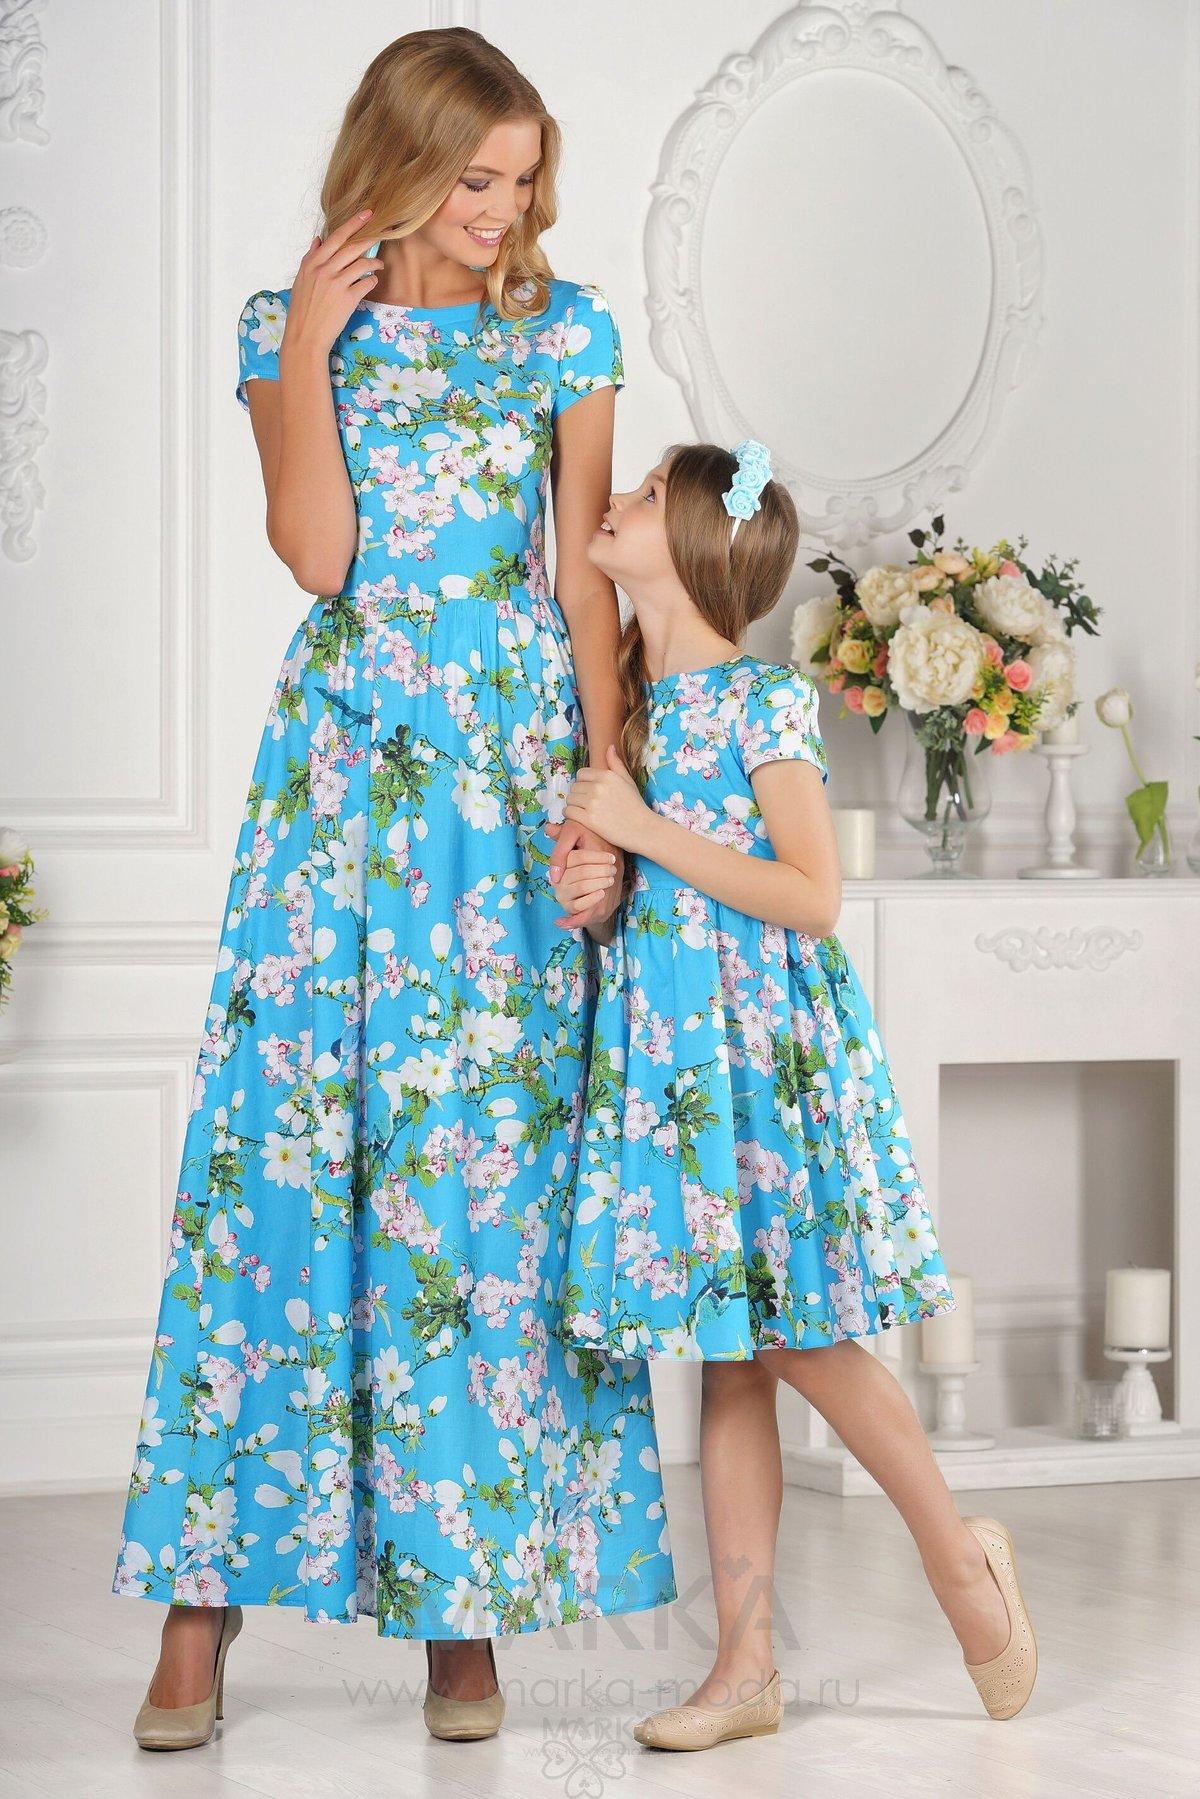 Картинки платье для мамы, открытке бумаги